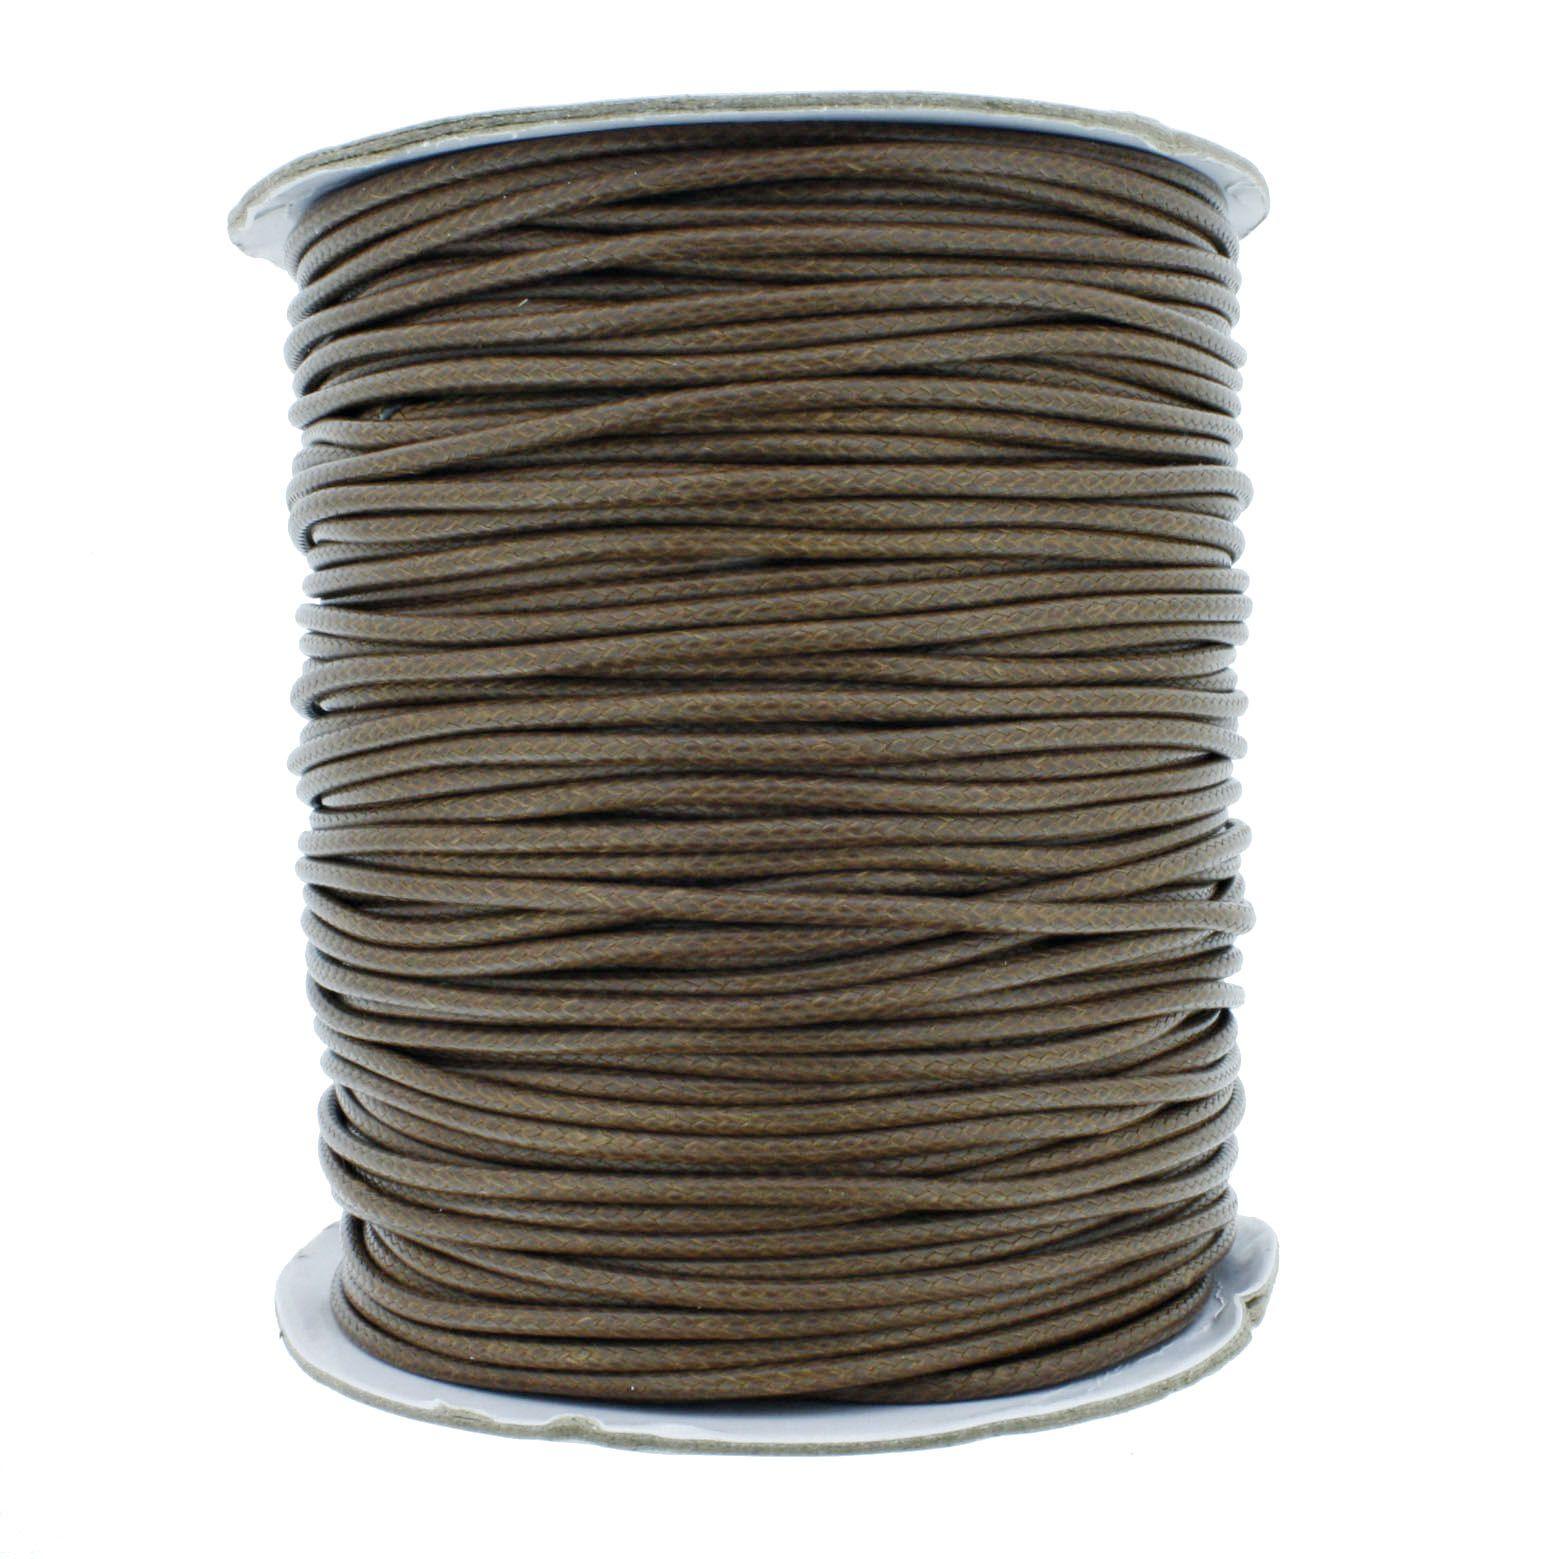 Cordão Encerado - Premium® - Marrom - 2mm  - Stéphanie Bijoux® - Peças para Bijuterias e Artesanato